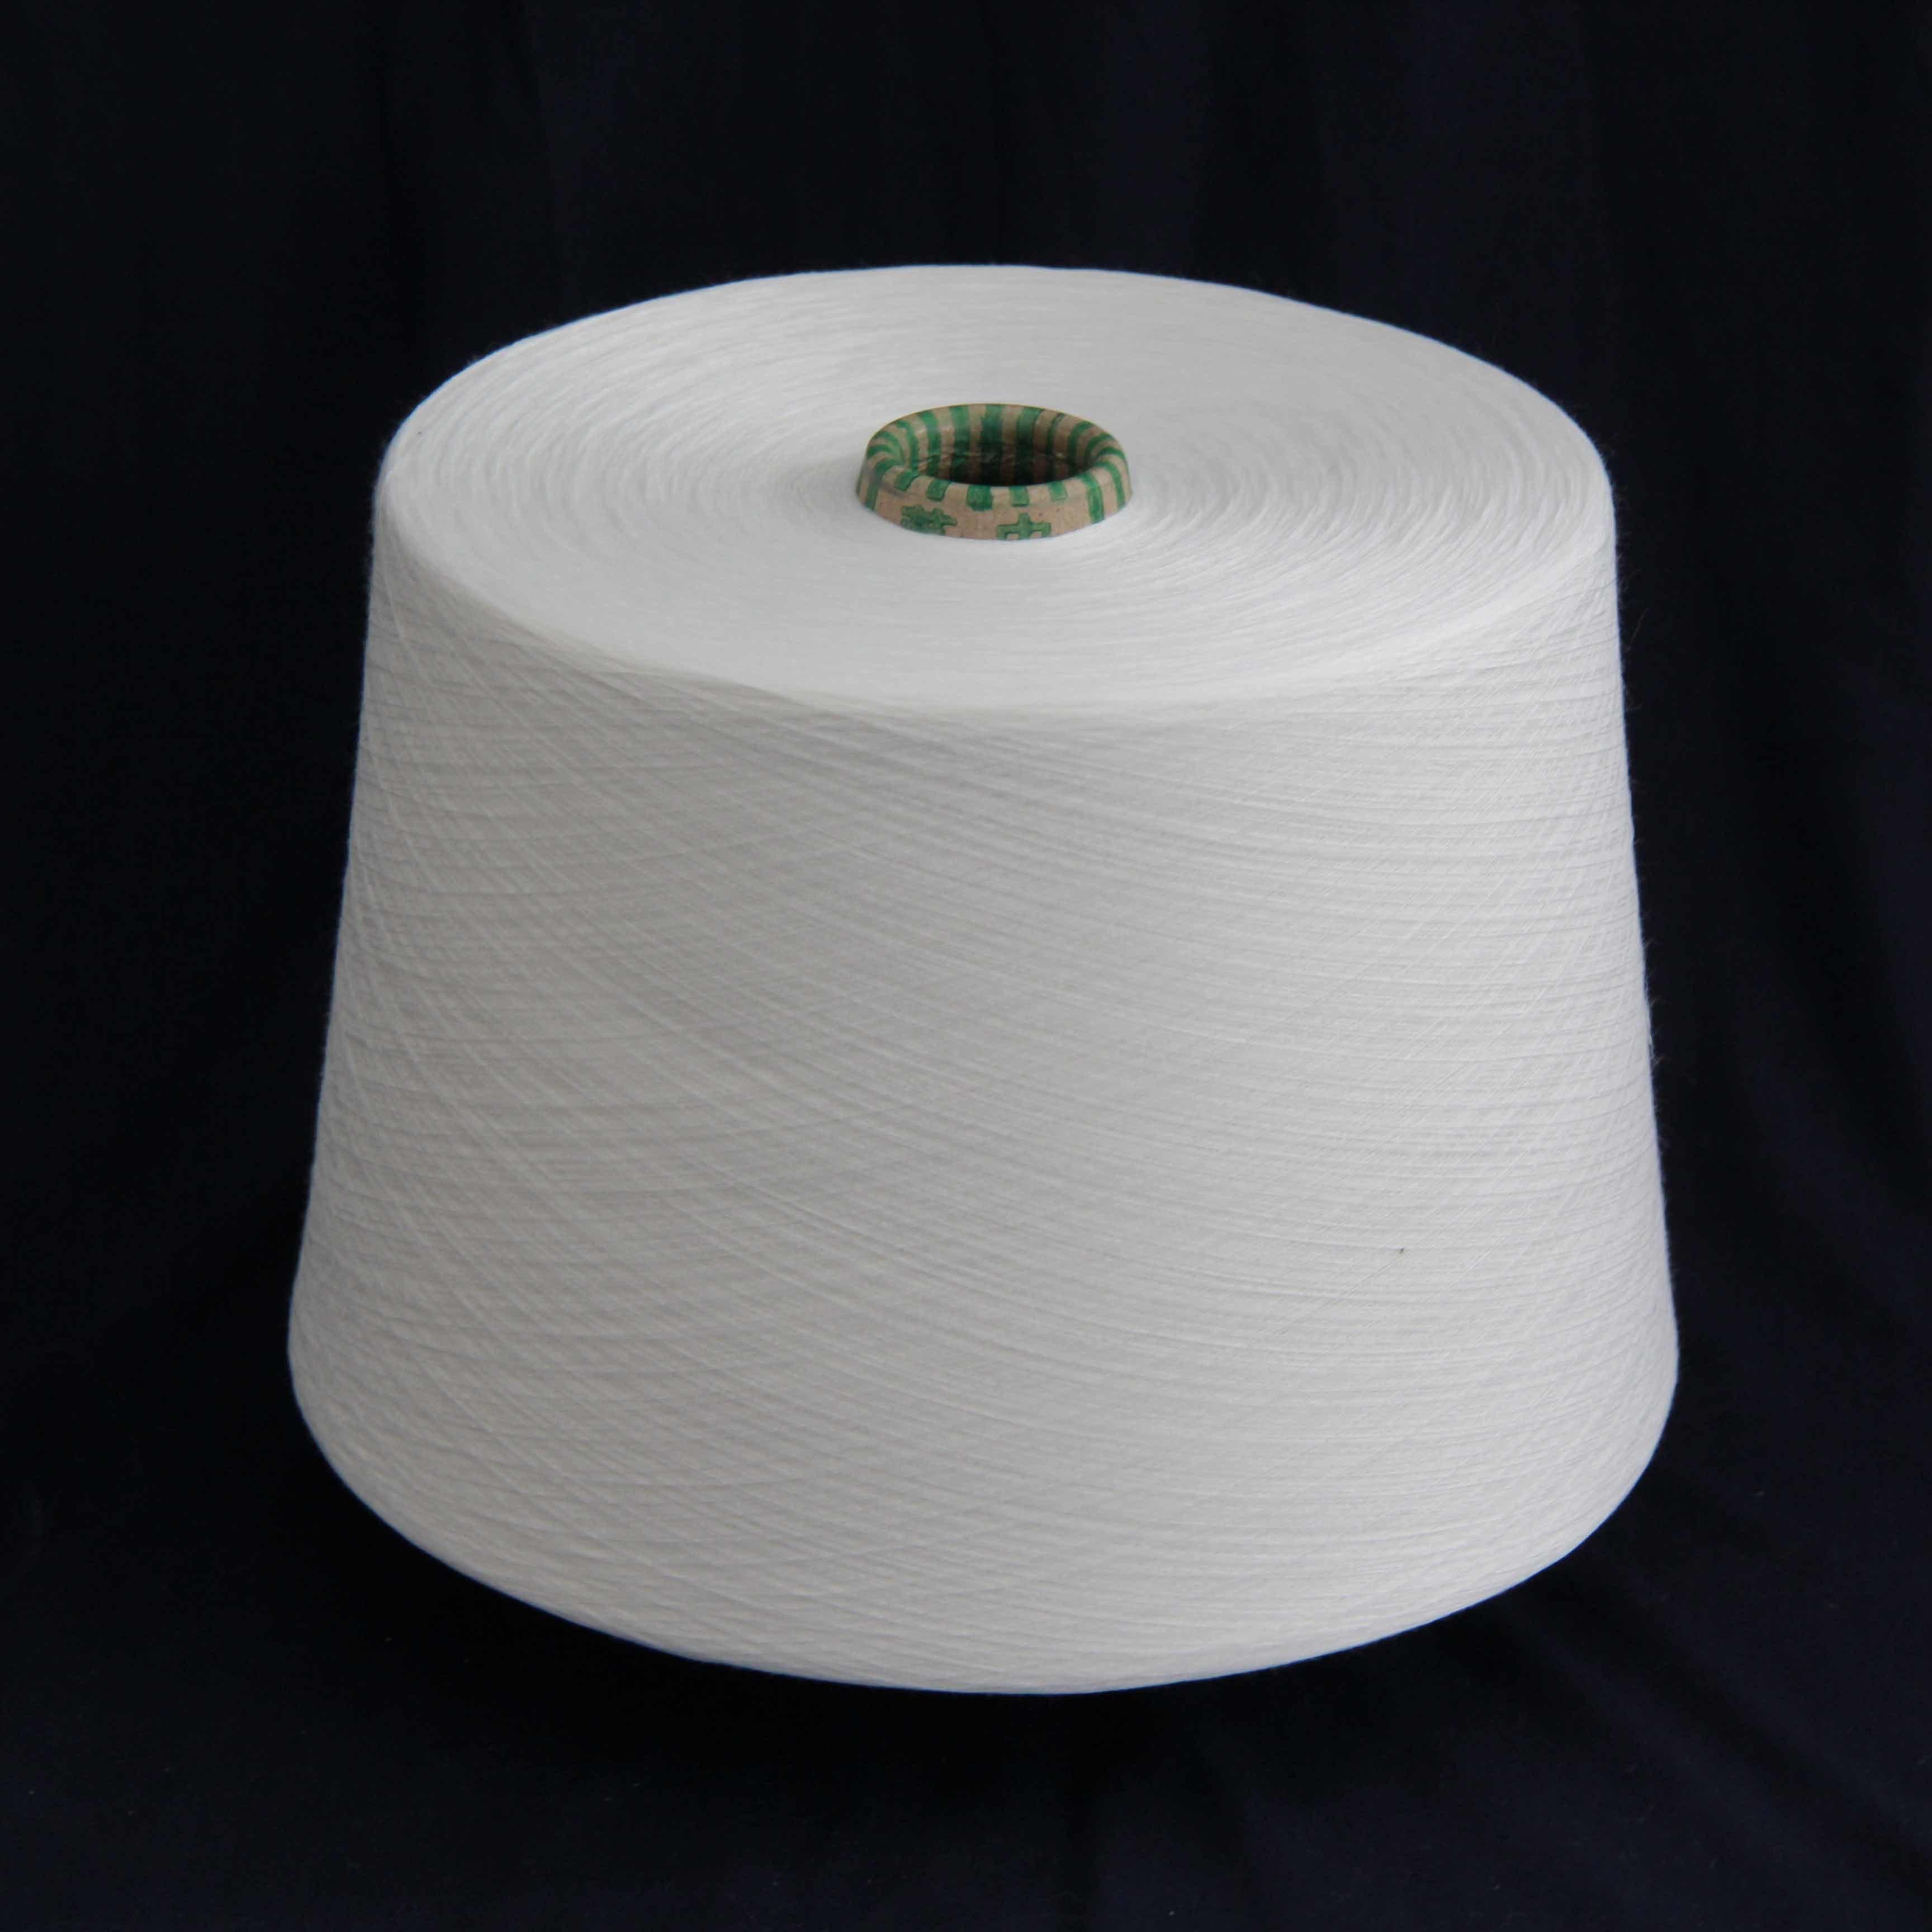 10s Terylene Blend Cotton Yarn for Knitting and Weaving 80/20